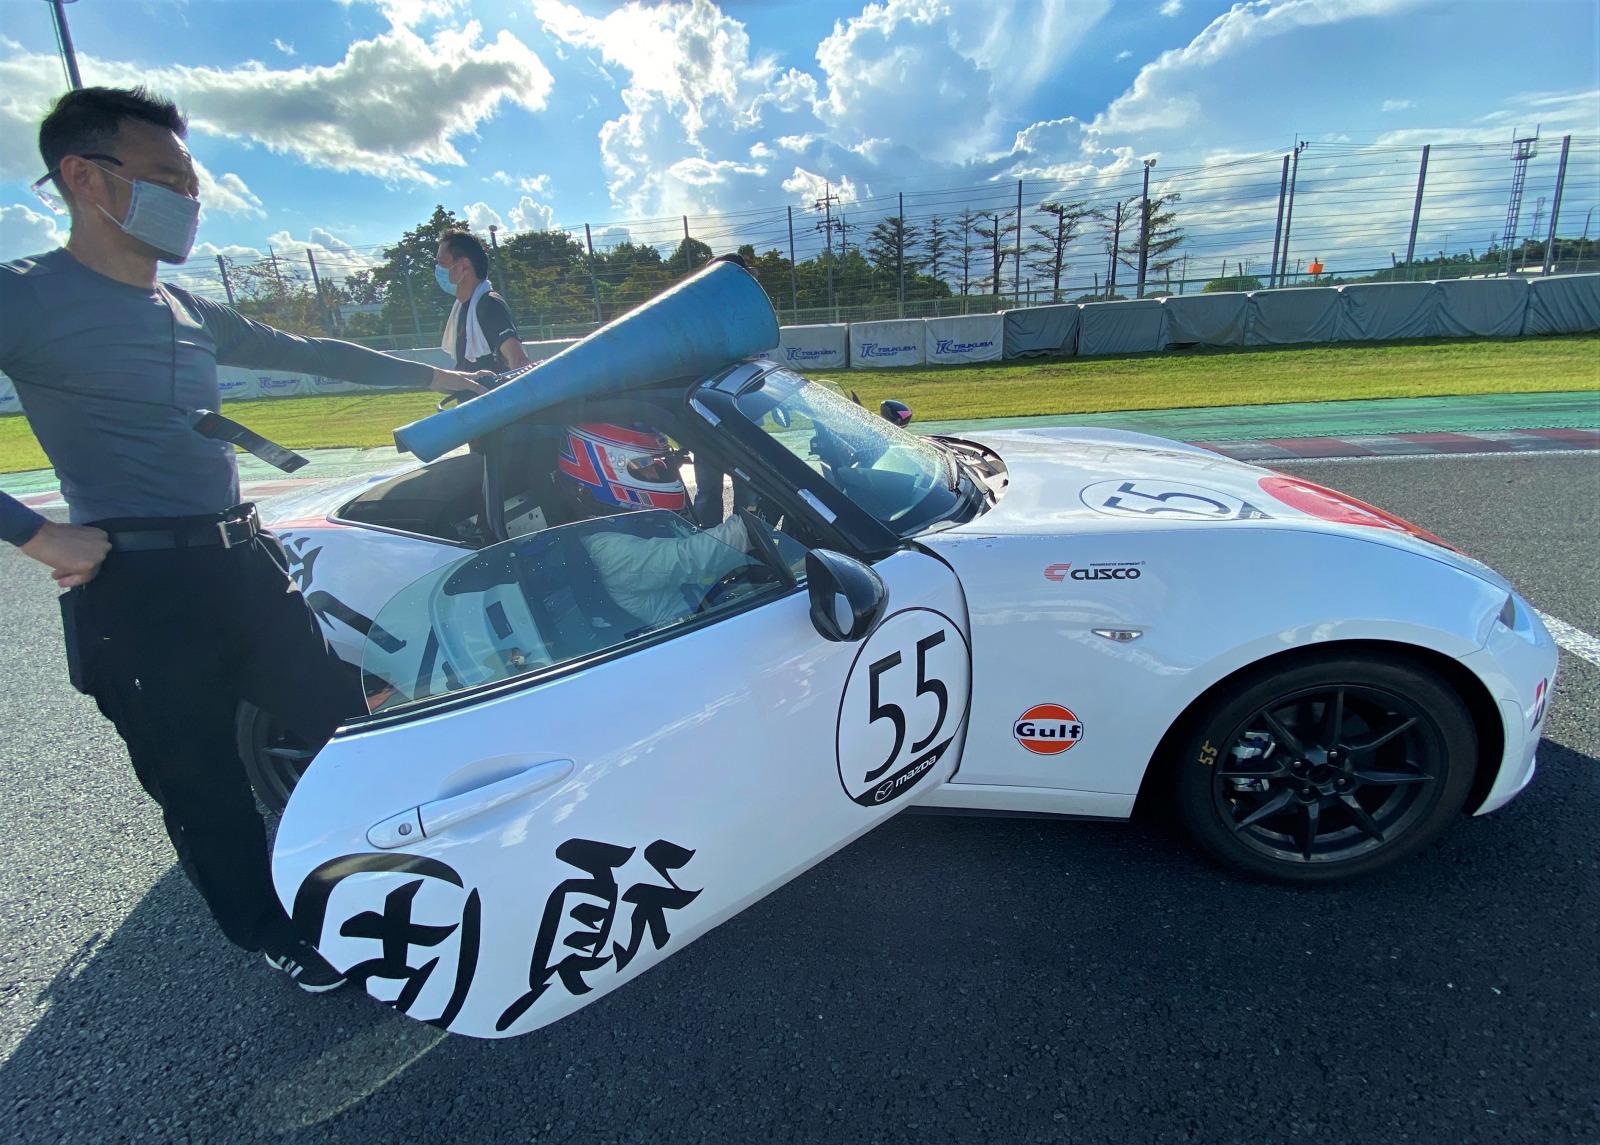 「恒例・清水和夫組のメディア対抗ロードスター耐久レースは予選12位→結果6位入賞。でも「来年は倍返しだ!」【頑固一徹和・番外編】」の5枚目の画像